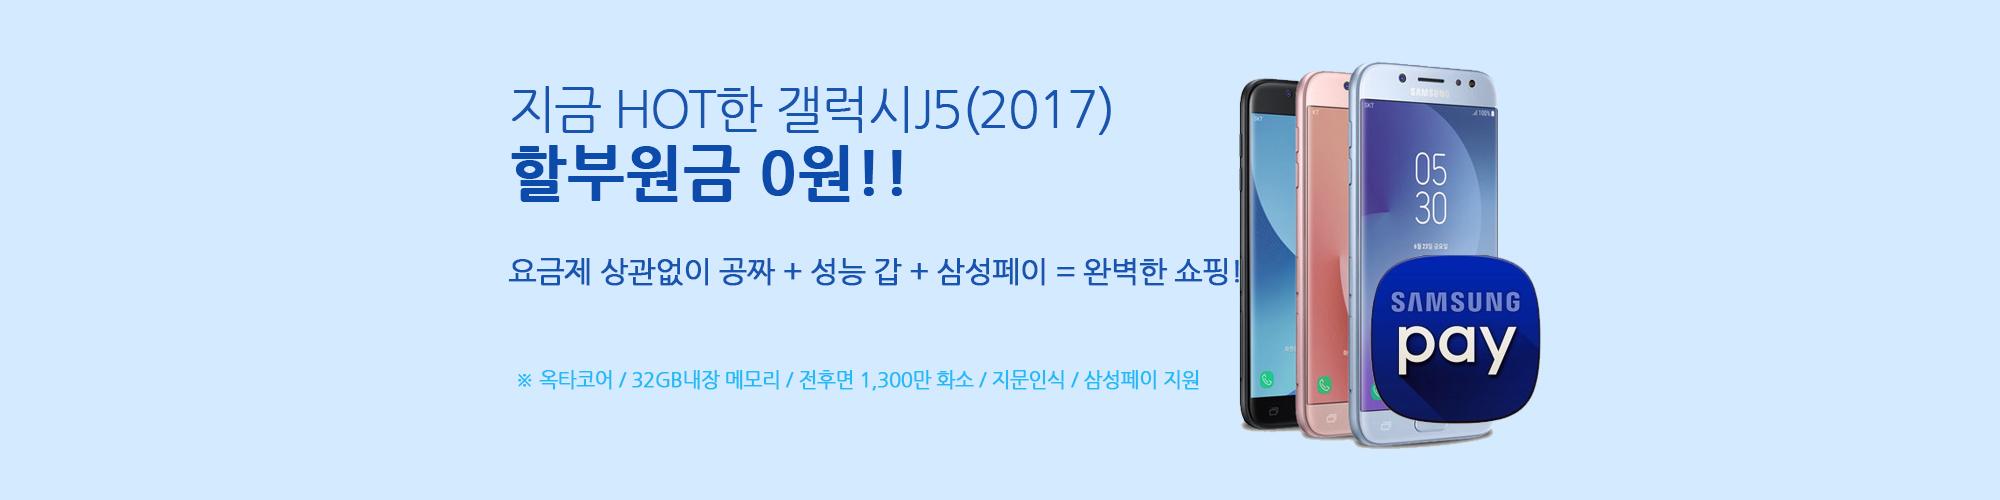 삼성 갤럭시 J5 2017 알뜰폰공짜로 GET